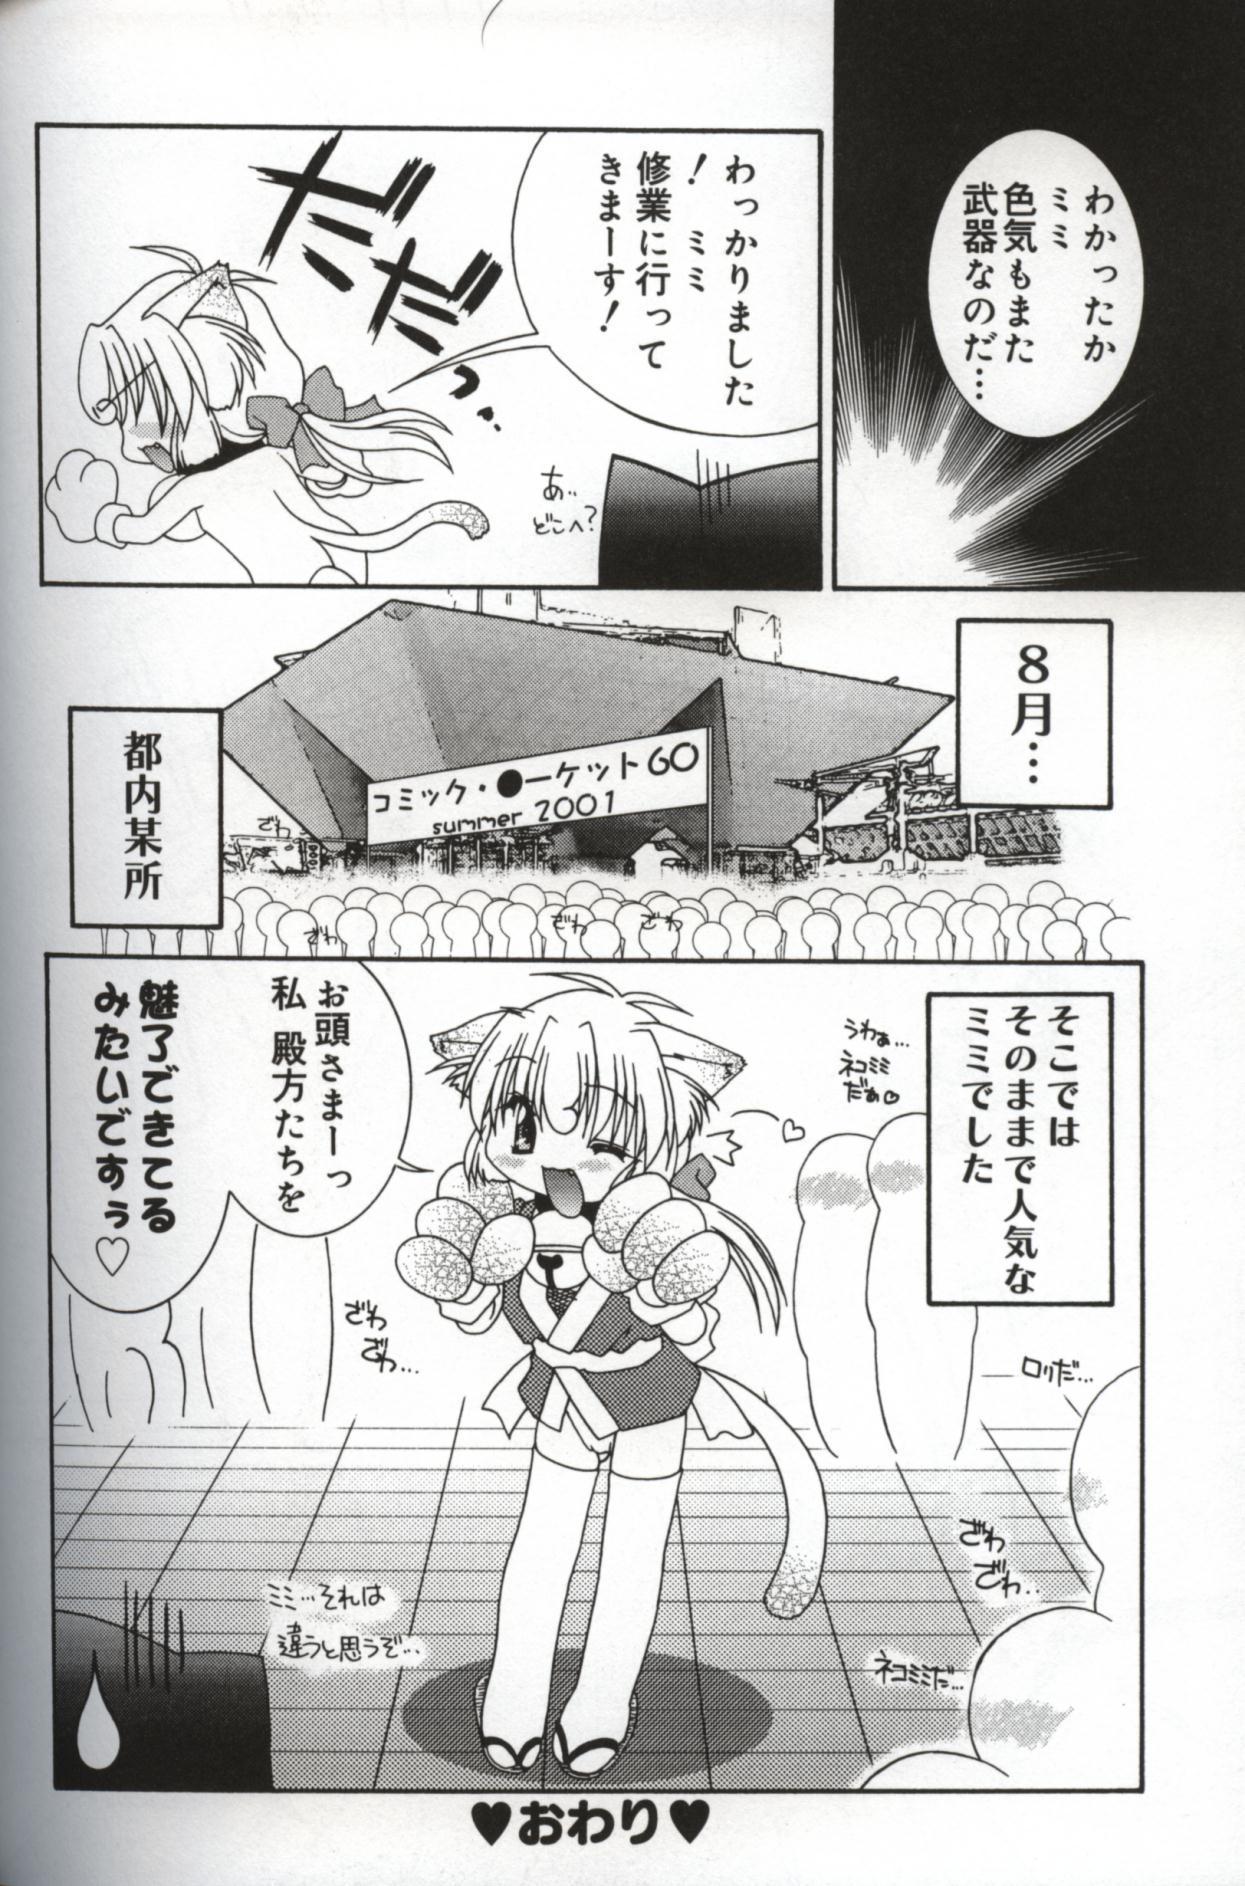 Hatsujou ♡ Oneesama 146